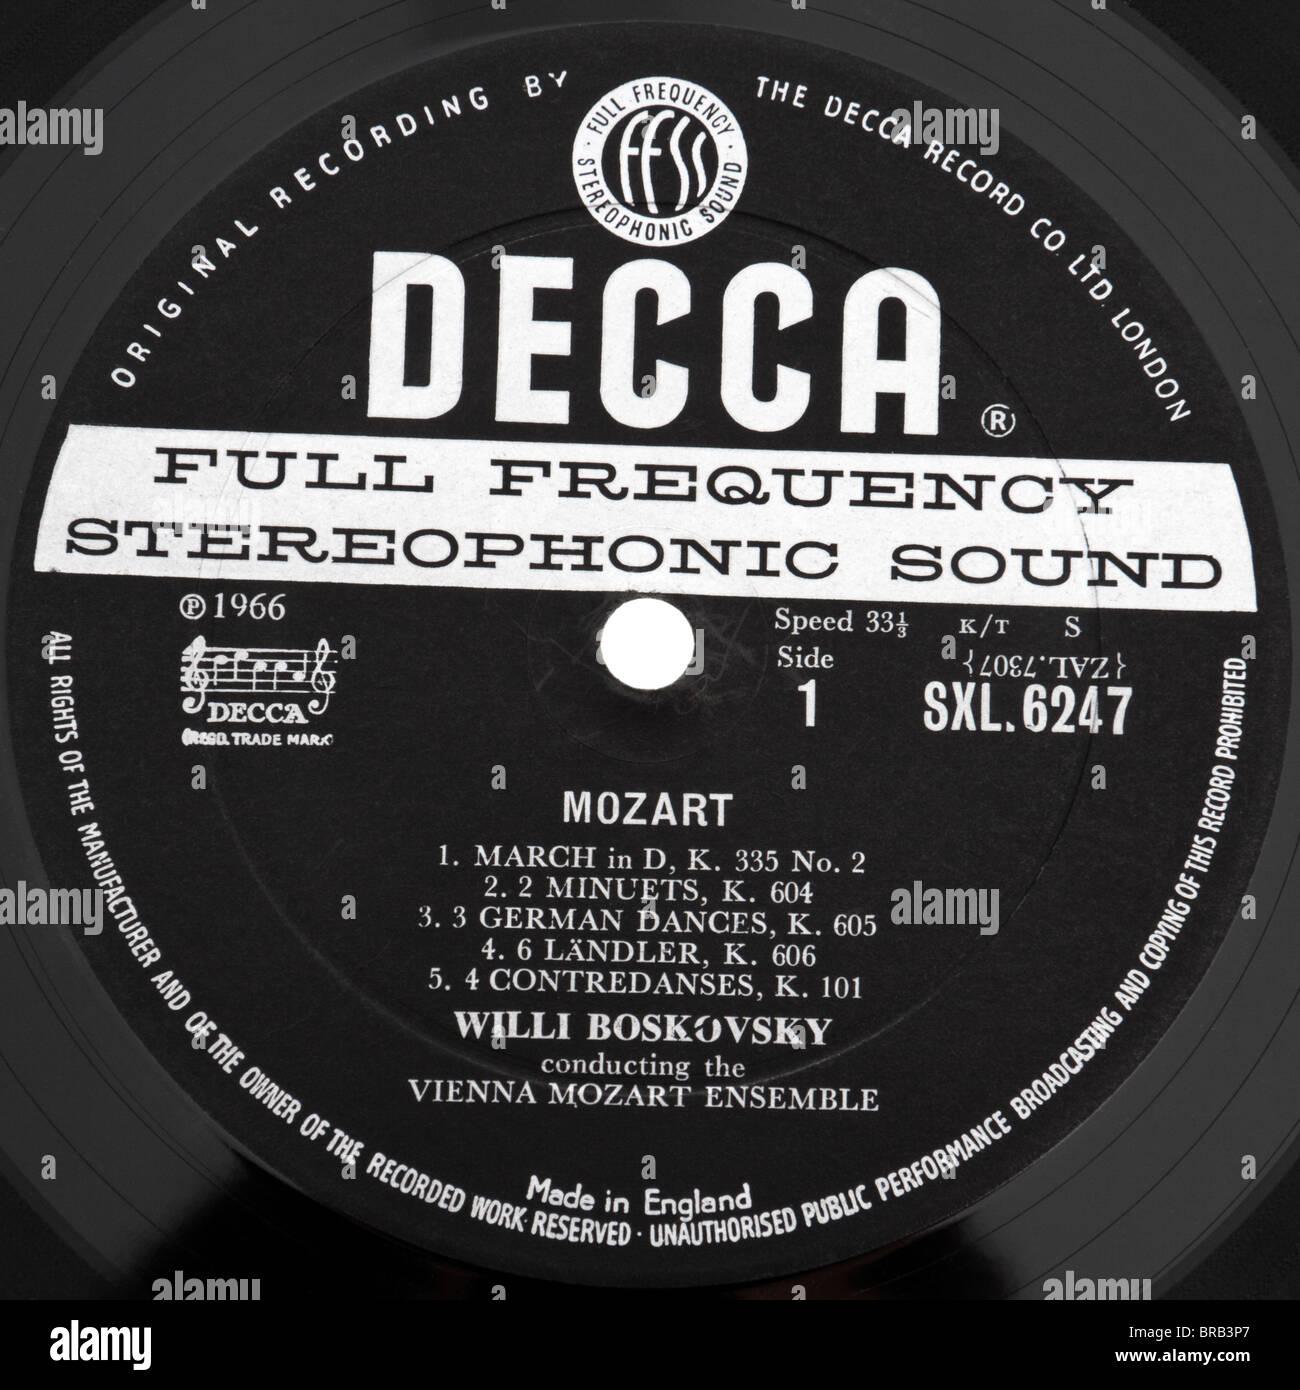 Originale Rare 1966 Decca SXL6247 etichetta discografica Foto Stock